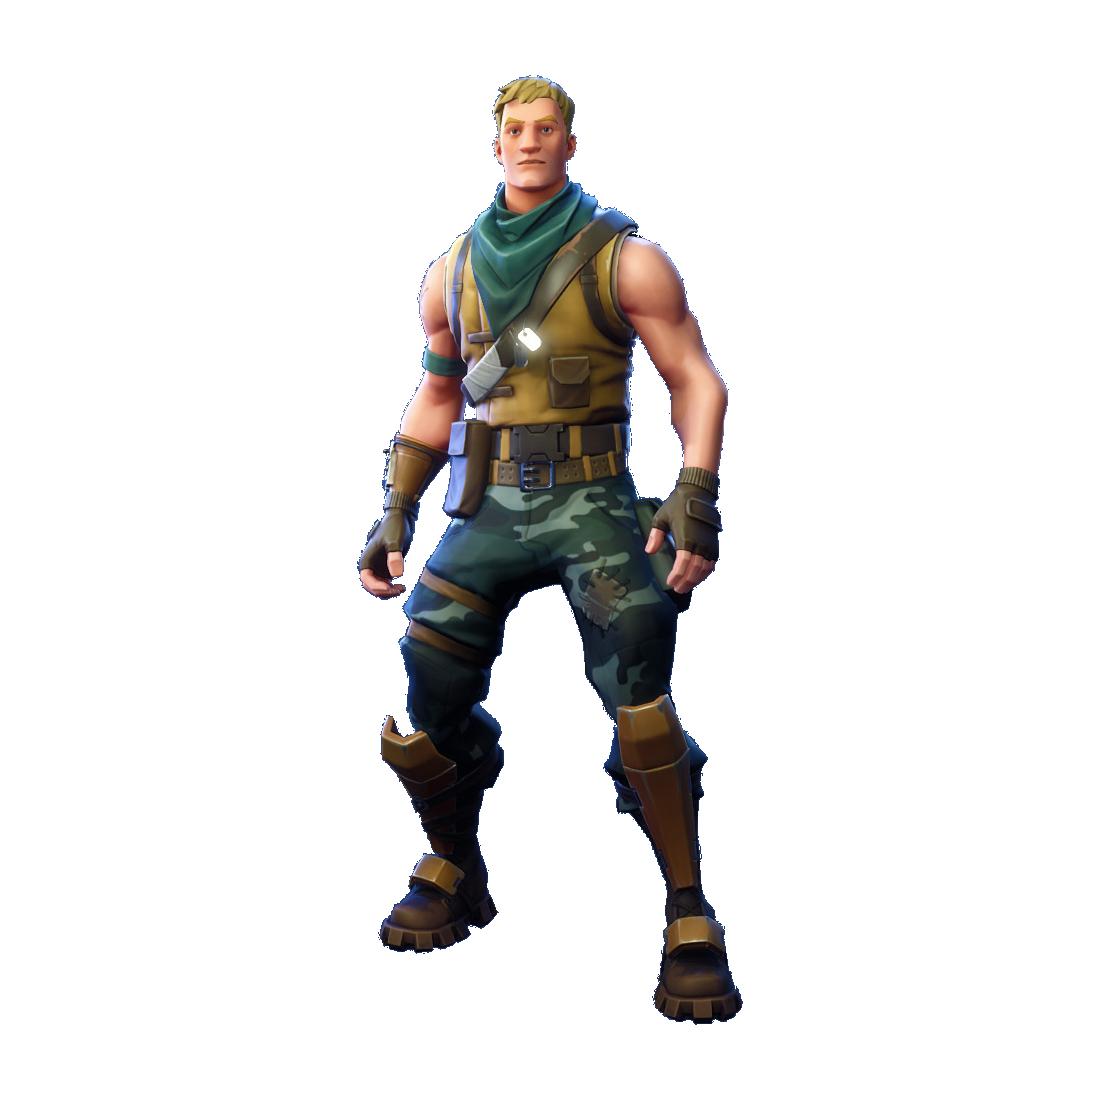 Ranger - Рейнджер (Ranger)